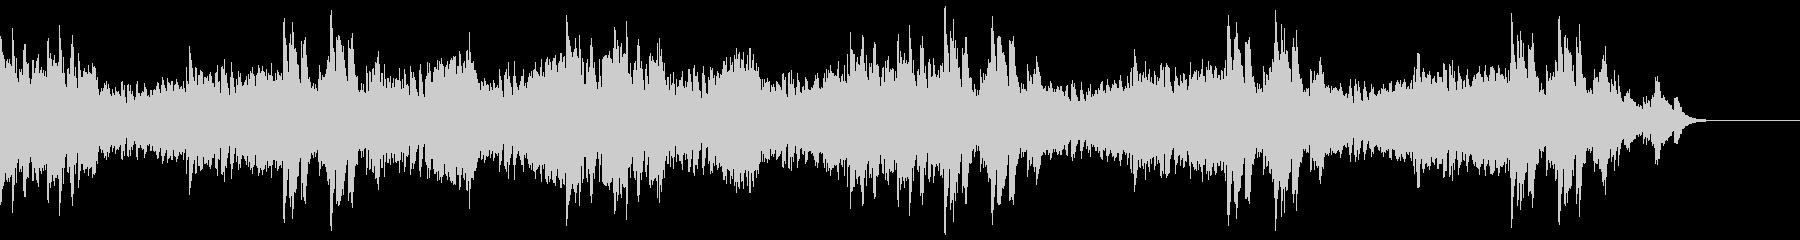 緊迫感のあるピアノソロ/サスペンスの未再生の波形